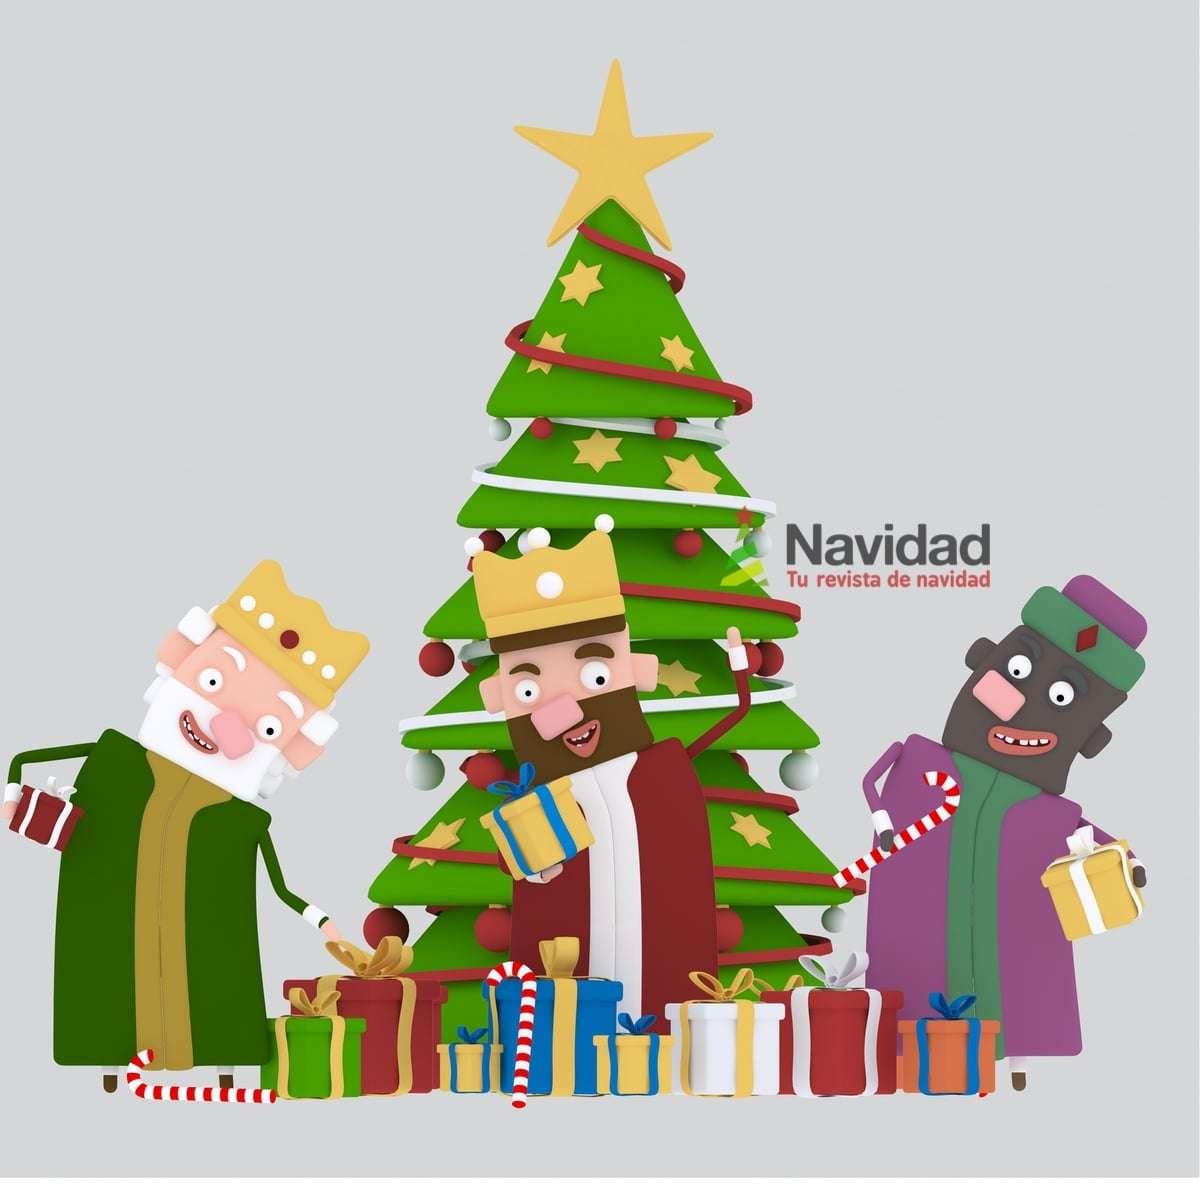 Imagenes Sobre Reyes Magos.Noche De Reyes Magos La Mayor Noche De Robos Navidad Tu